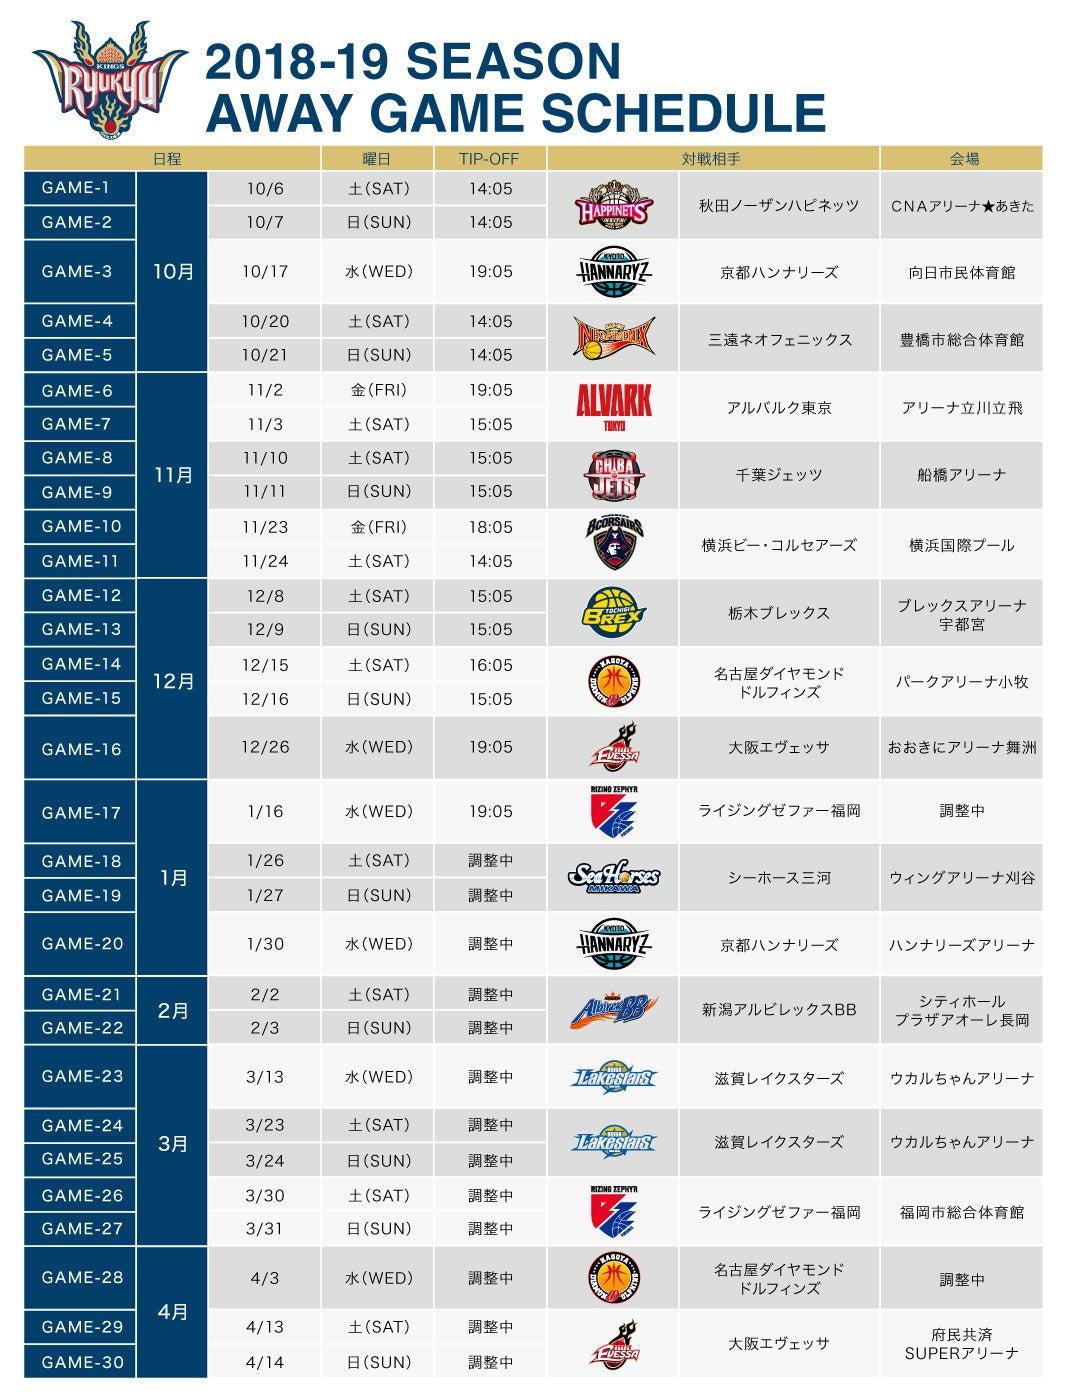 2018 19シーズン ホーム開催スケジュール発表のお知らせ 琉球